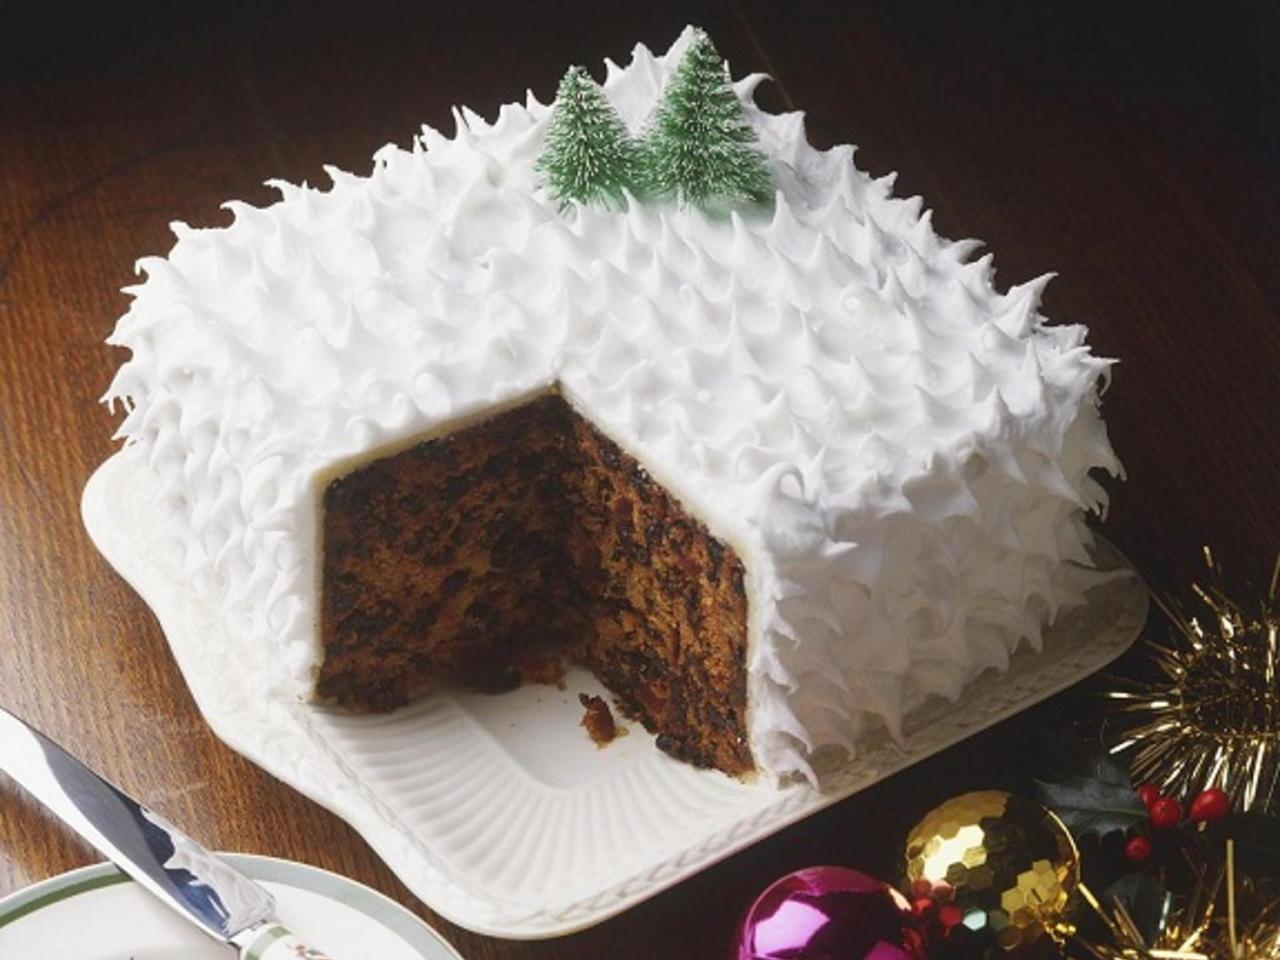 صورة طرق تزيين الكيك بسيطة , تزيين الكعك بصوص الشوكولاة والفواكه 11830 6